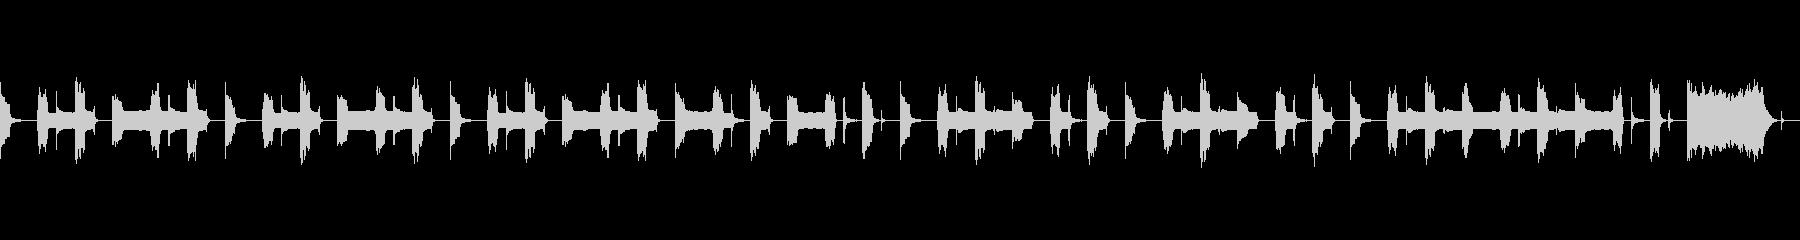 動物/可愛い/ピアノ/ピッコロ/おまぬけの未再生の波形